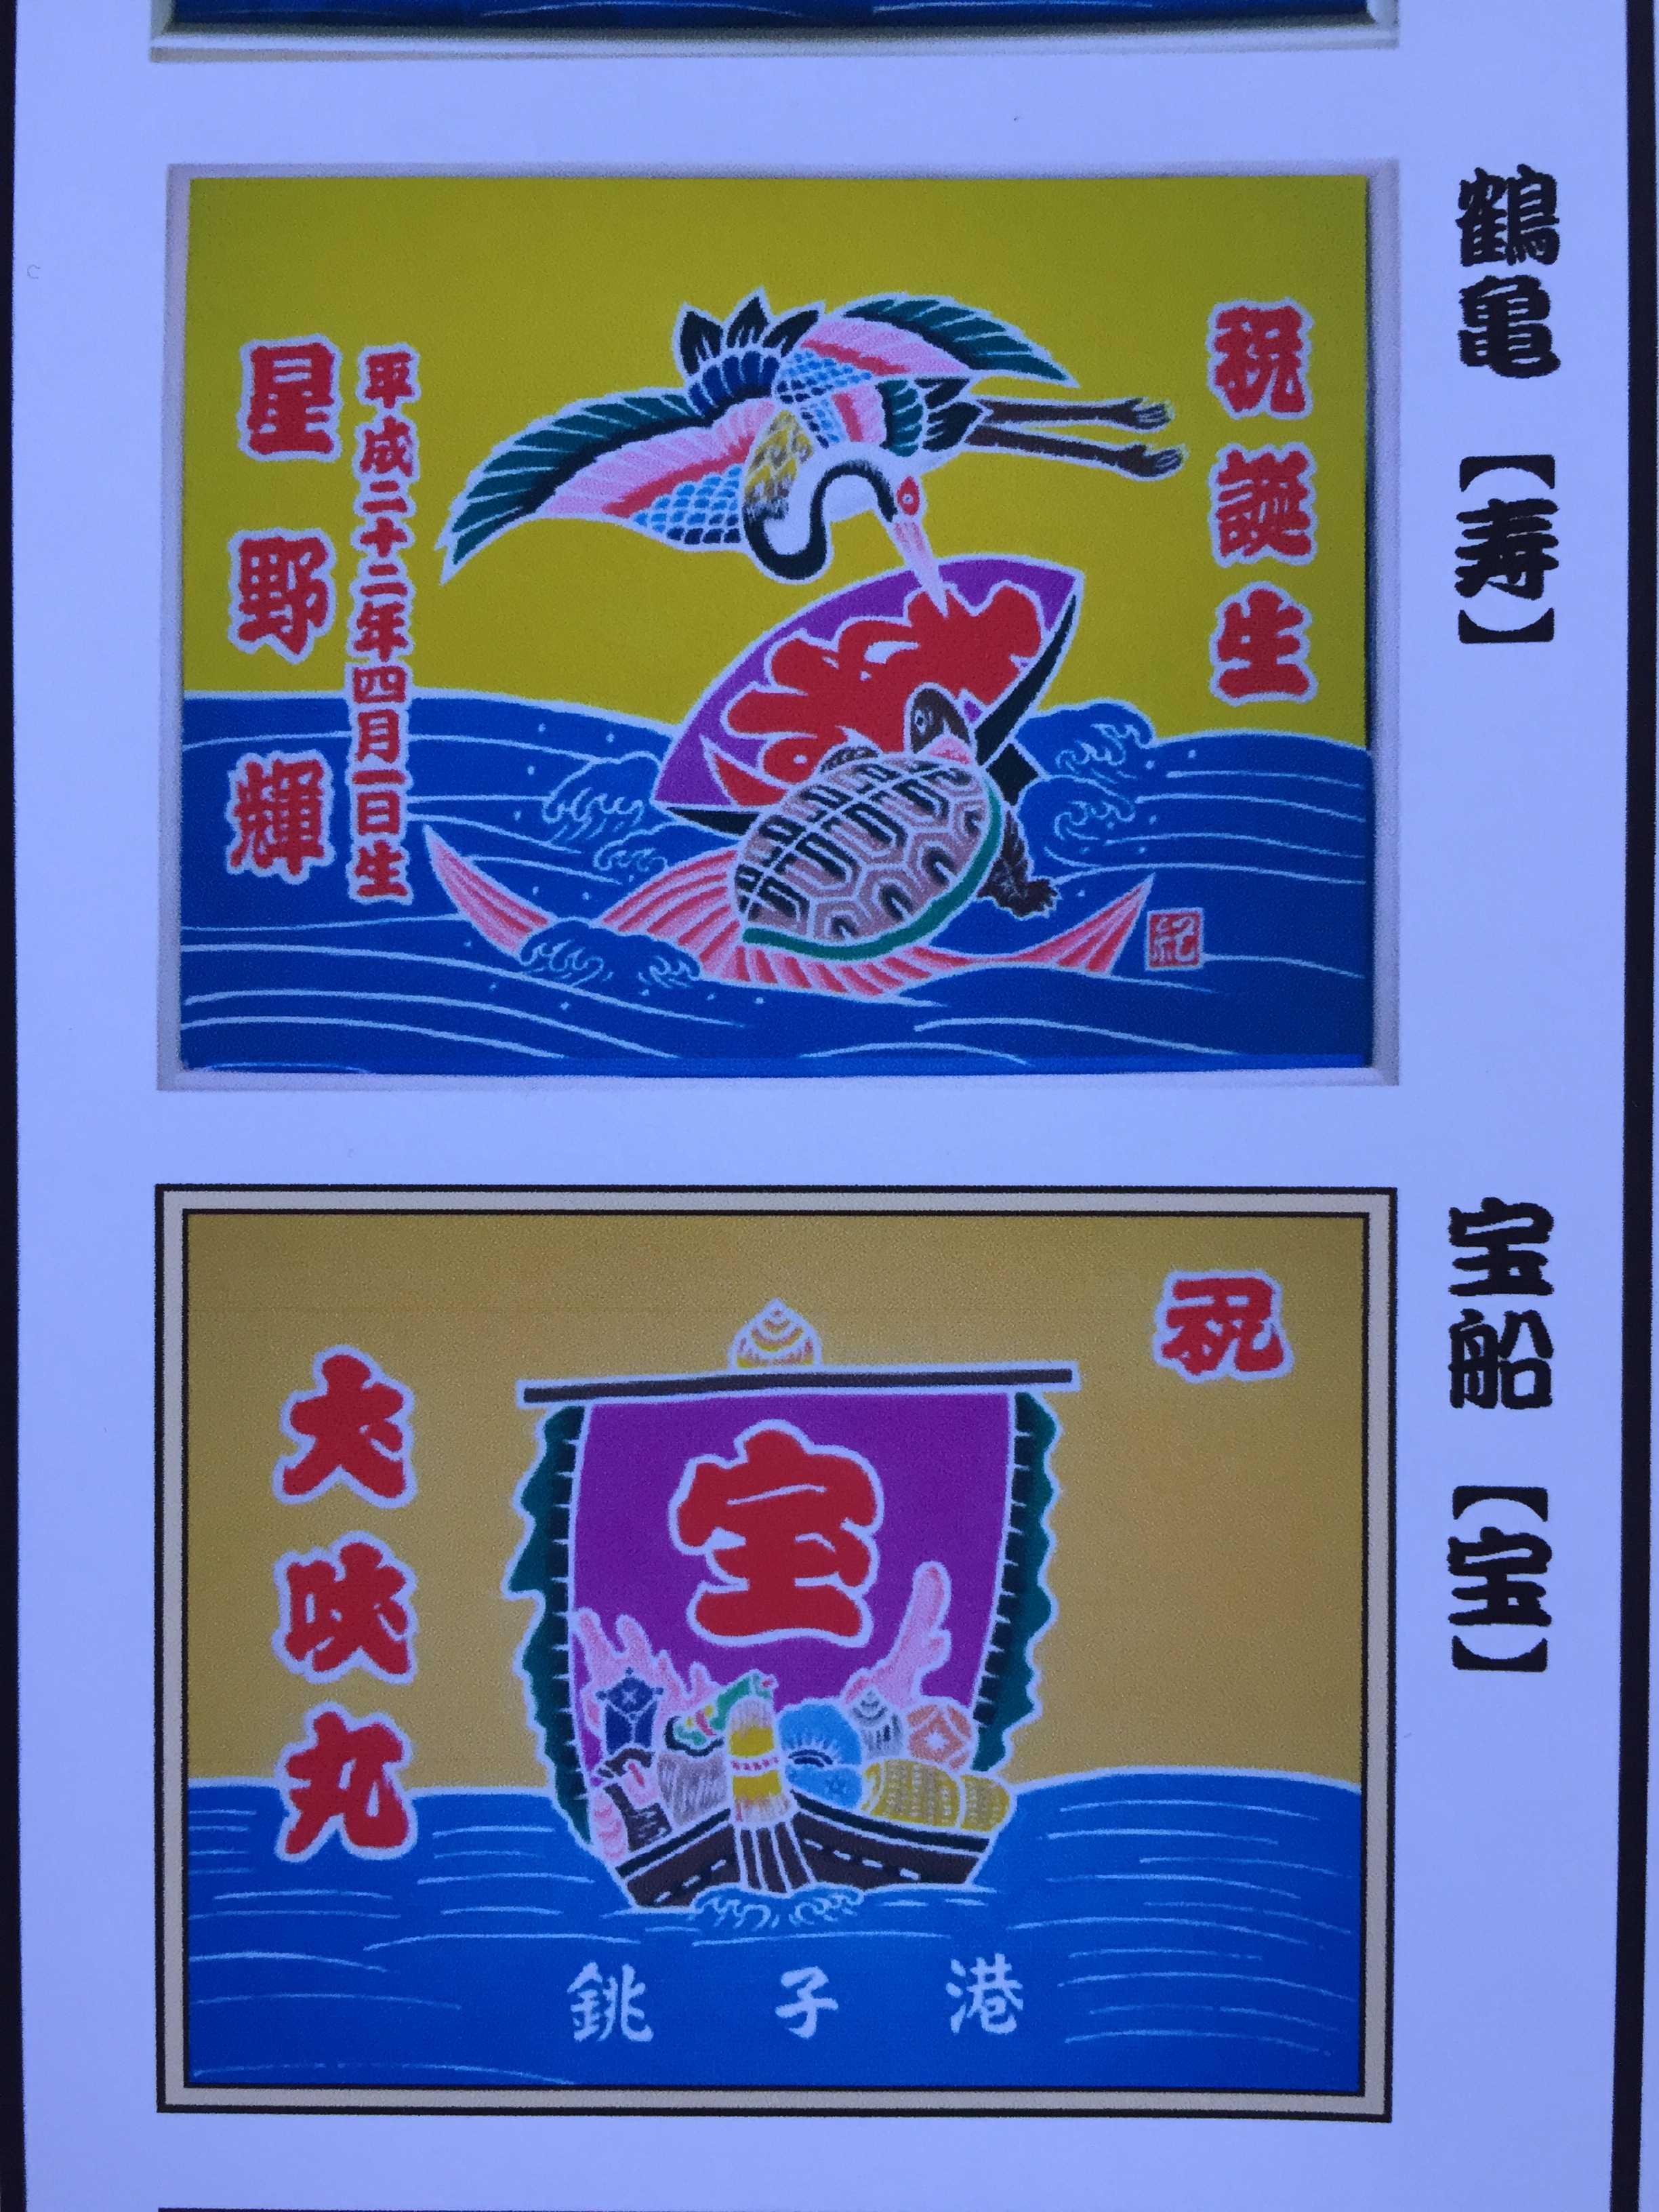 千葉県指定伝統的工芸品の萬祝式大漁旗